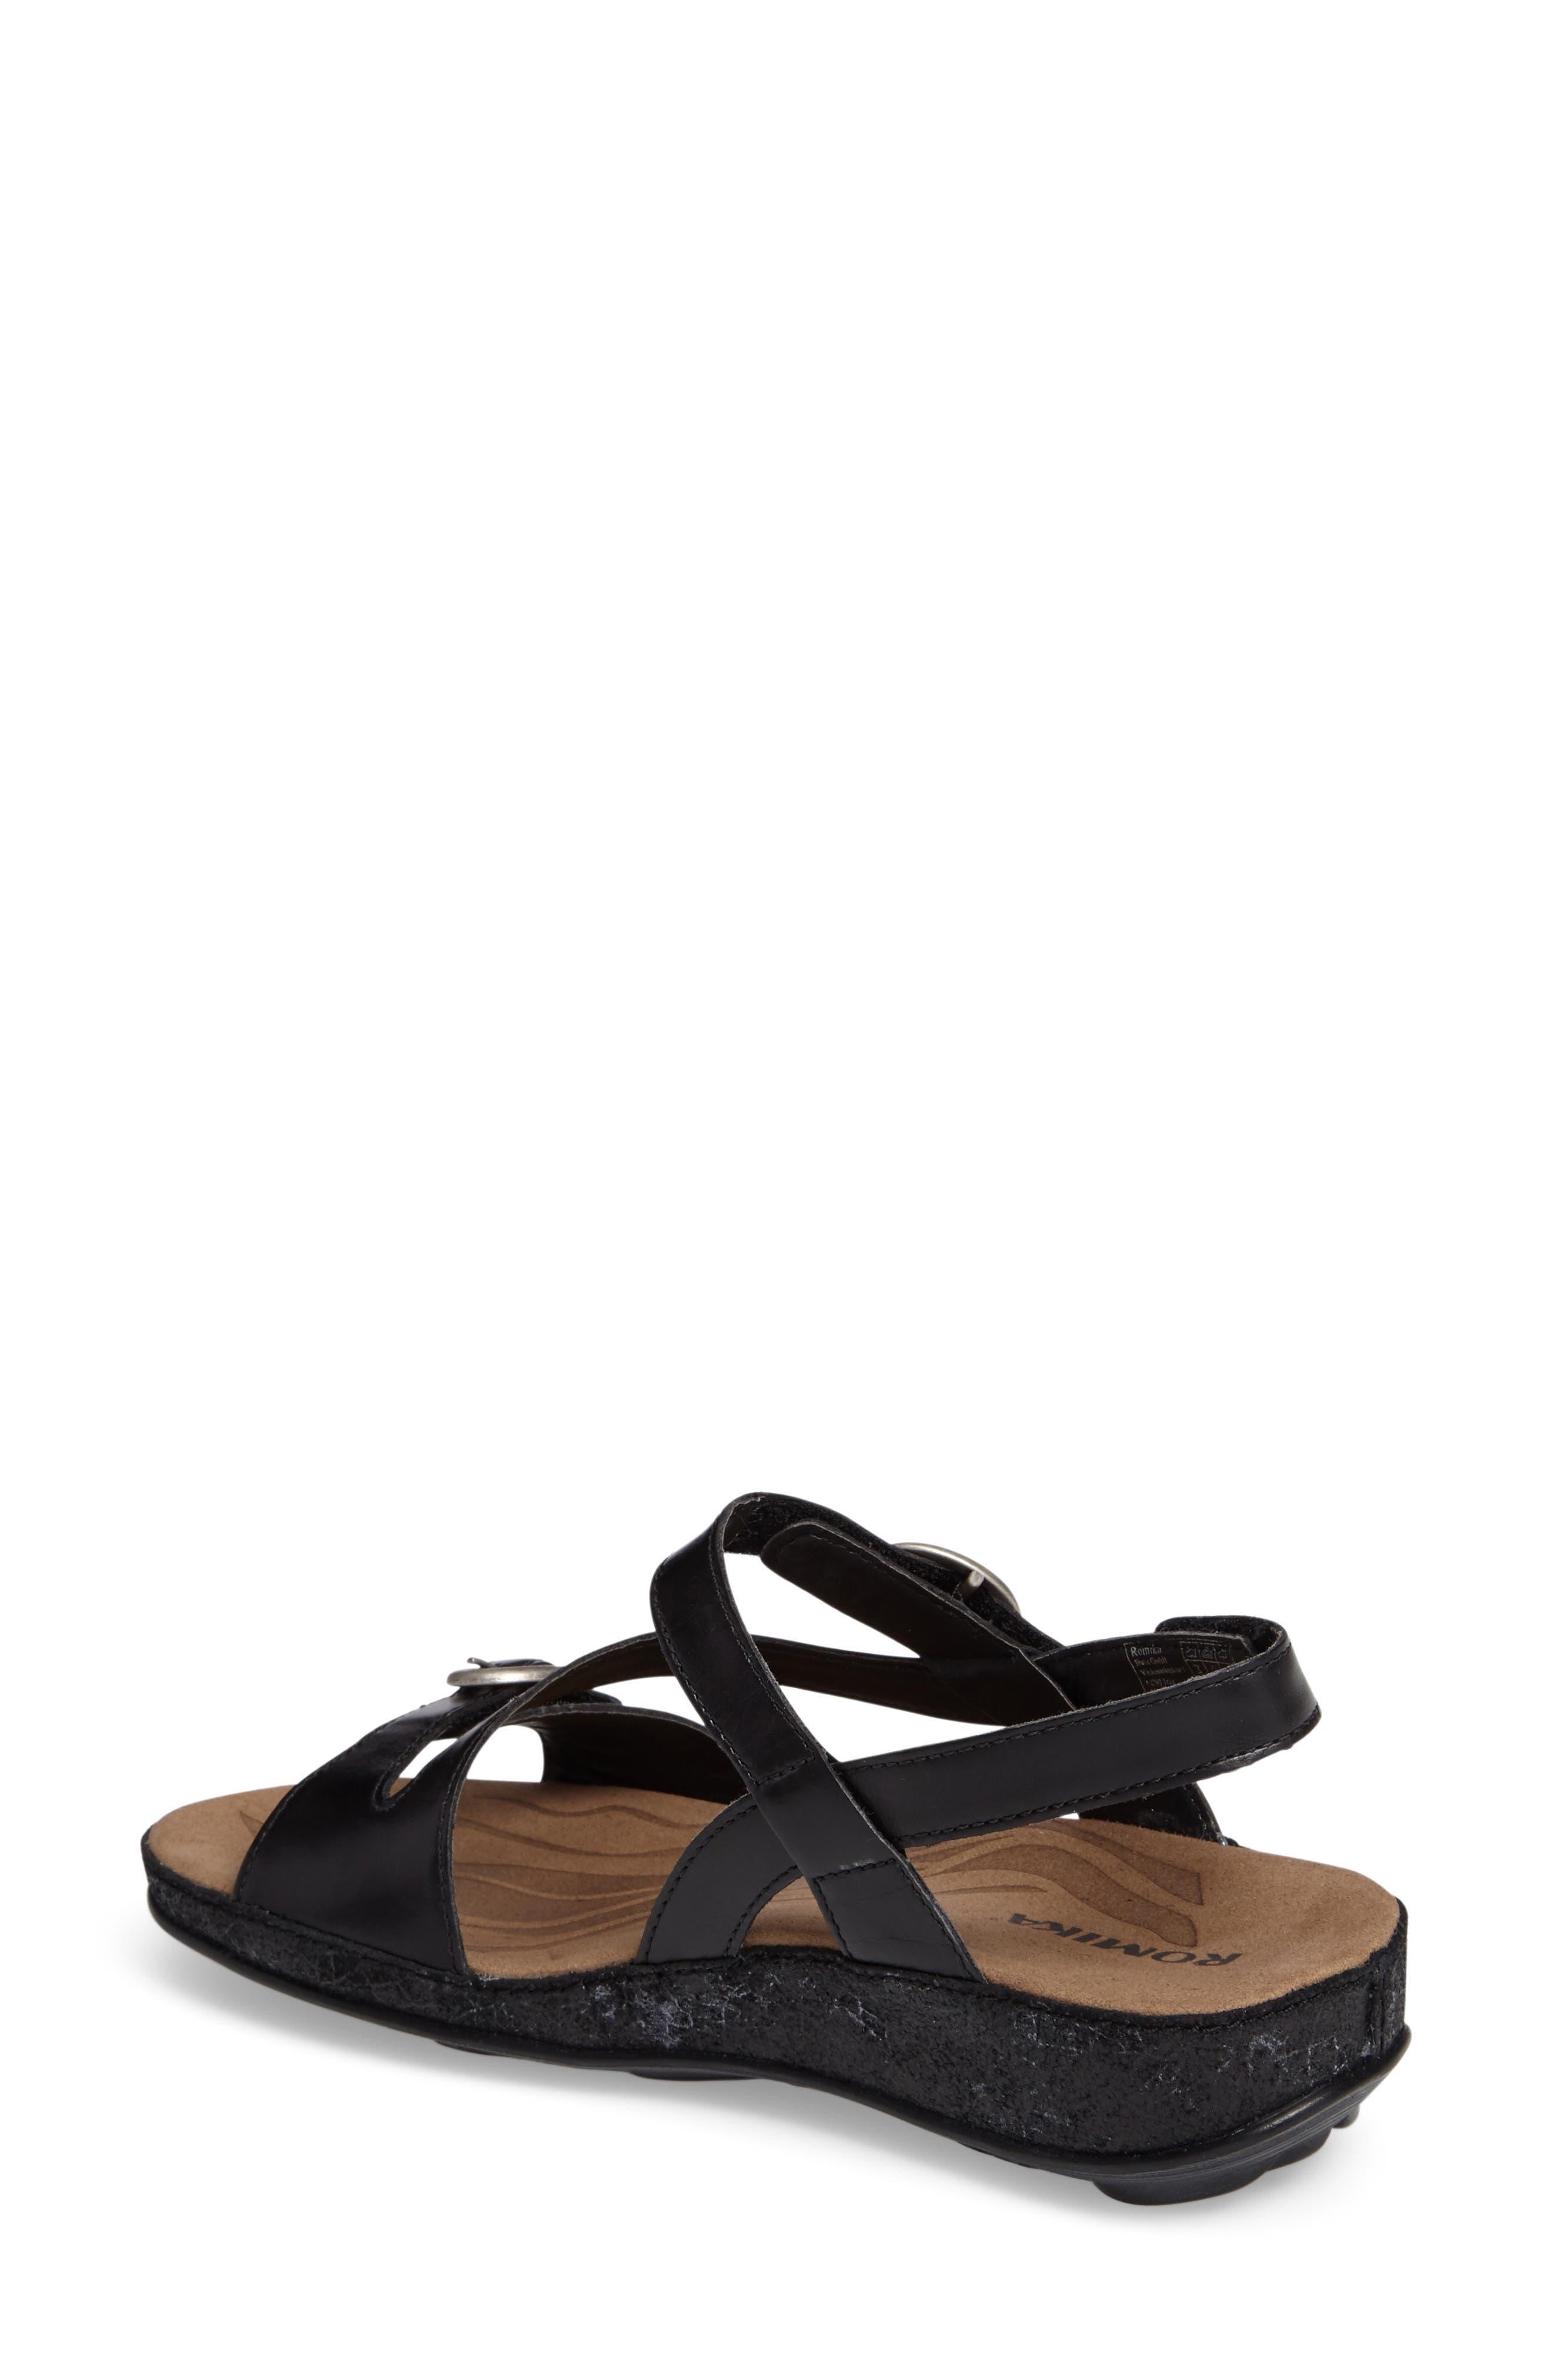 Fidschi 48 Sandal,                             Alternate thumbnail 2, color,                             001